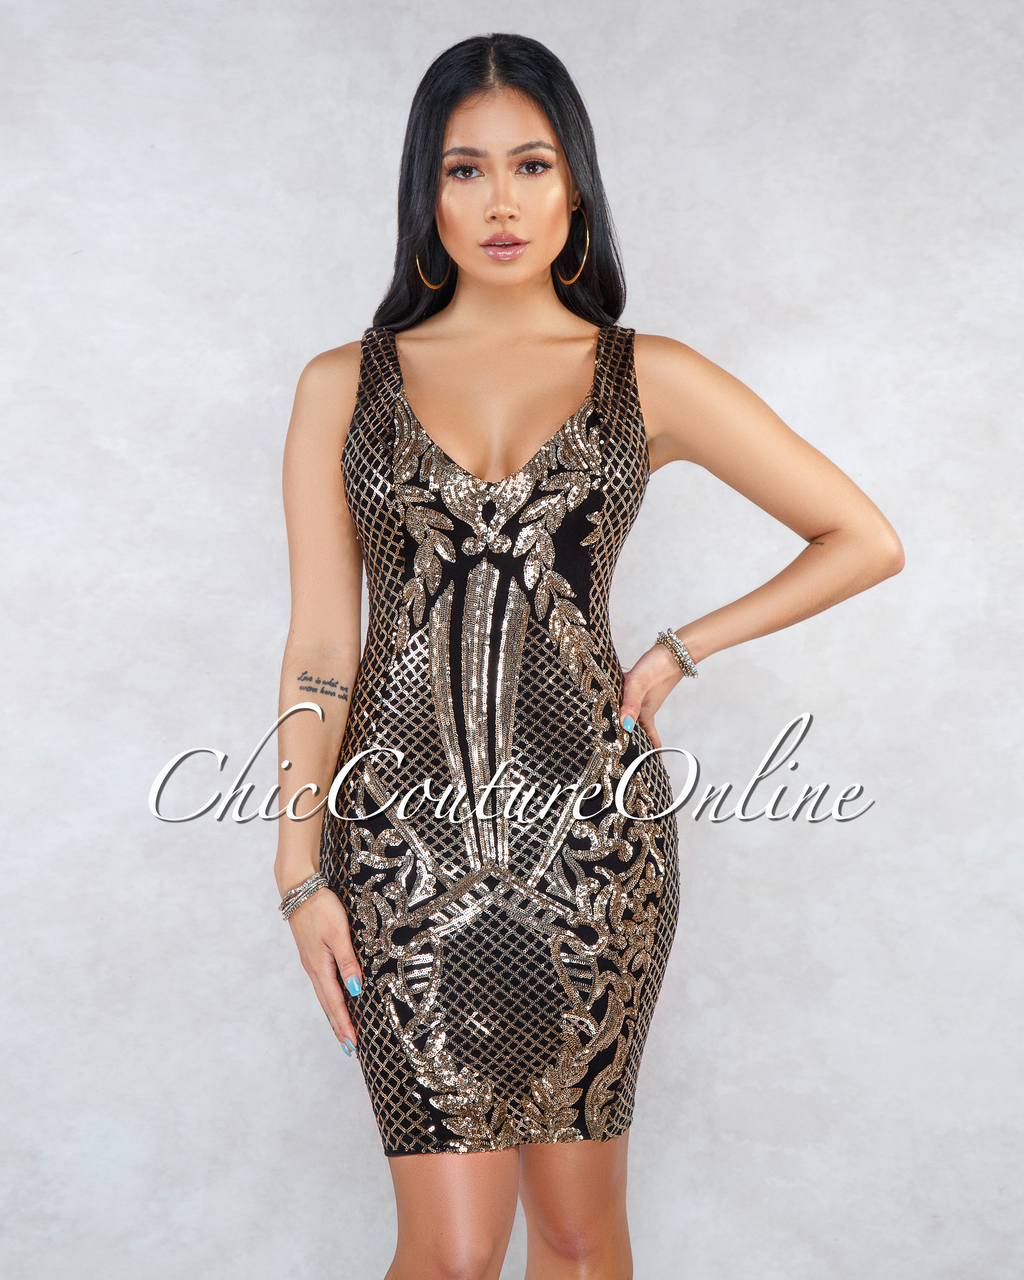 Jalicia Black Gold Sequins V-Neck Mini Dress